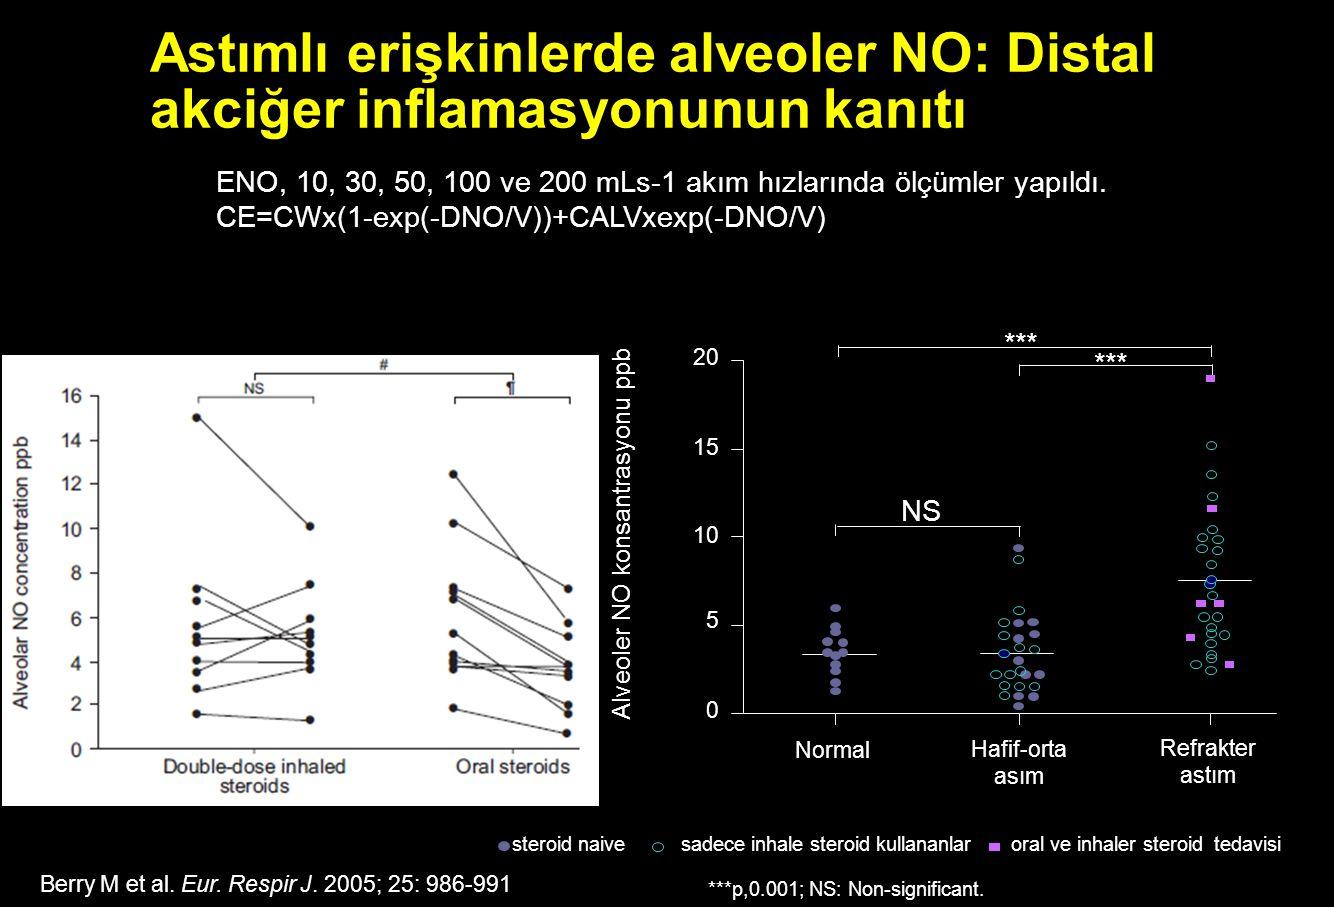 Astımlı erişkinlerde alveoler NO: Distal akciğer inflamasyonunun kanıtı